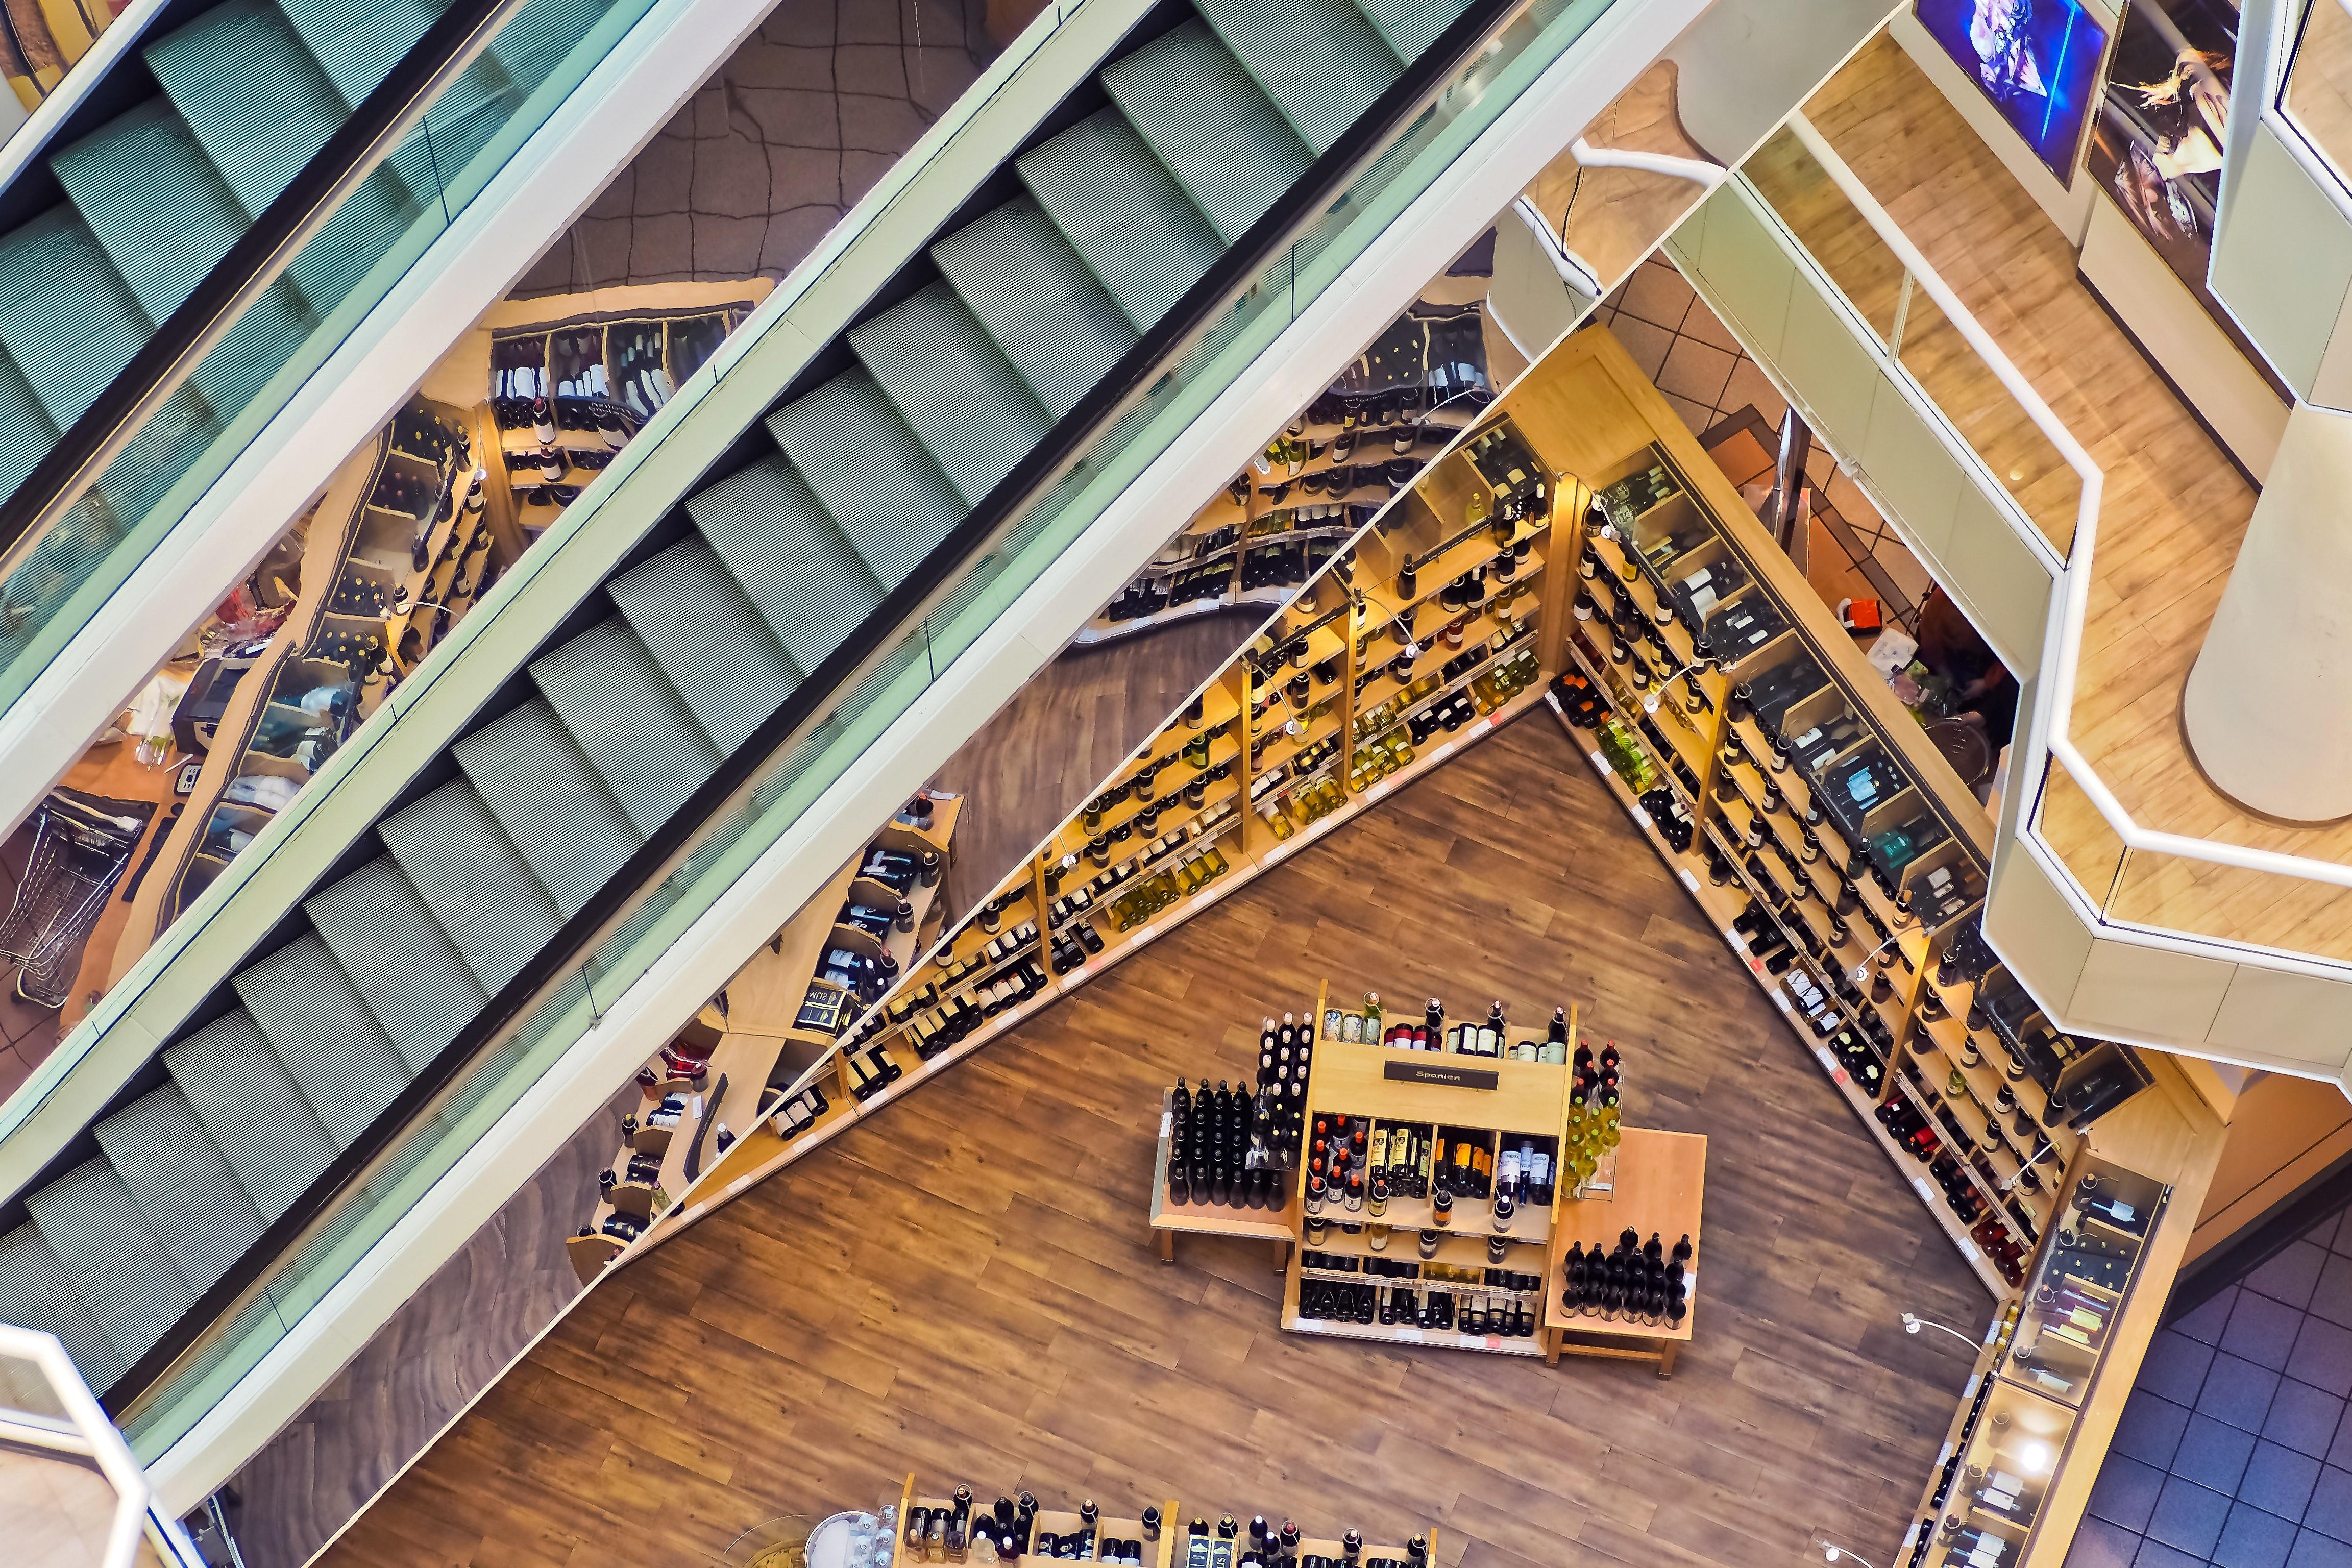 bolt, üzlet vagy szolgáltatóegység burkolás - padlózás